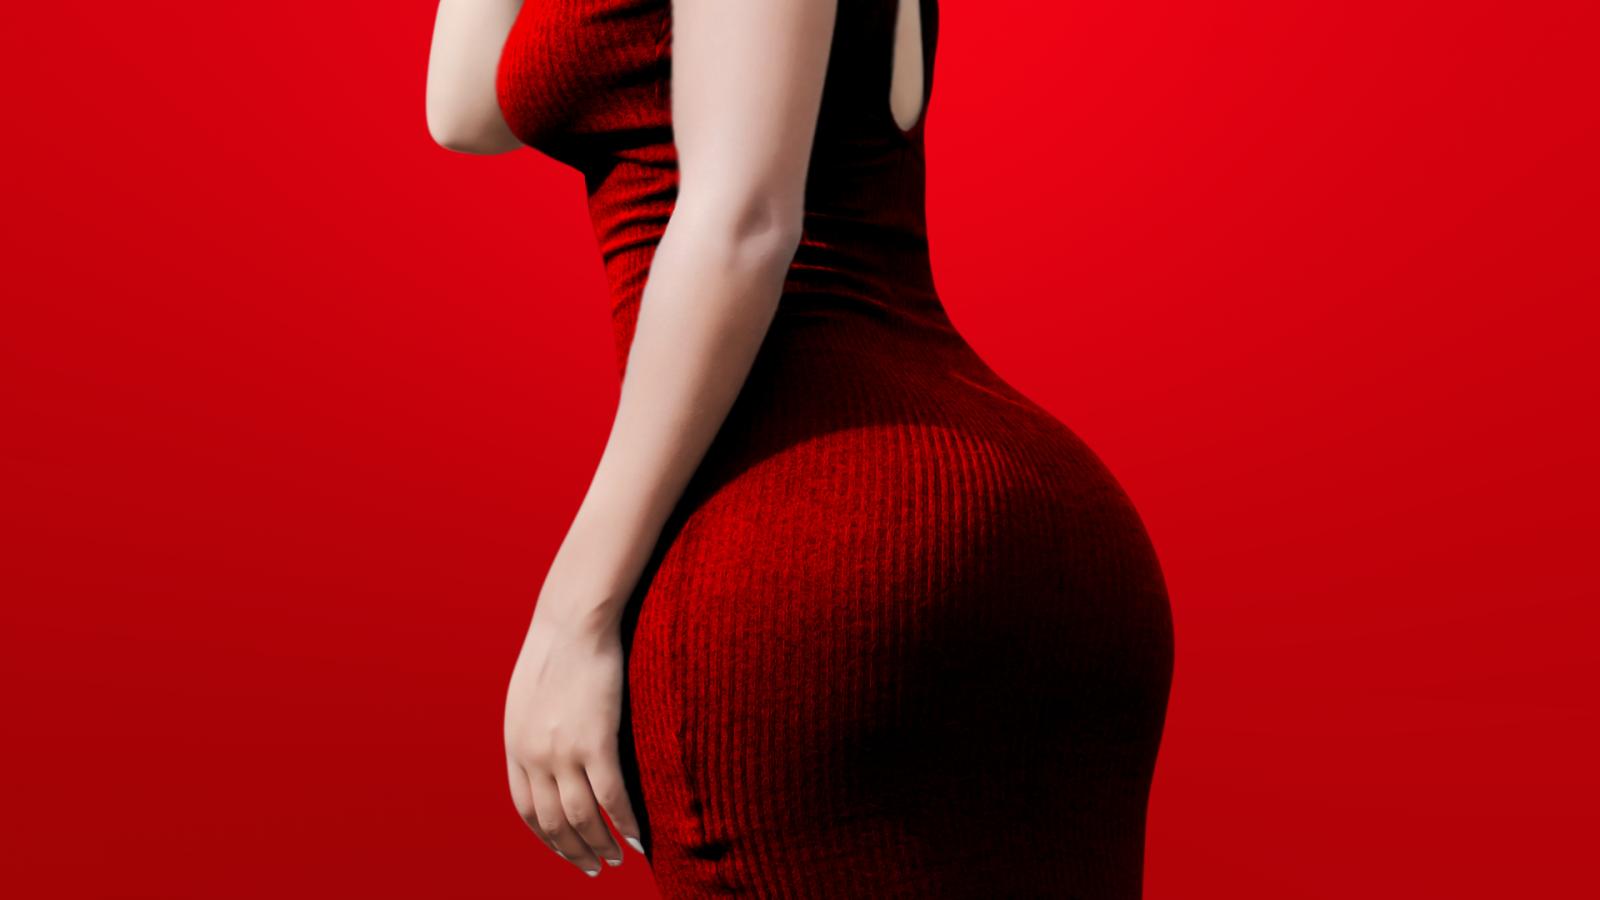 Красная задница фото, проститутка ярославль у себя